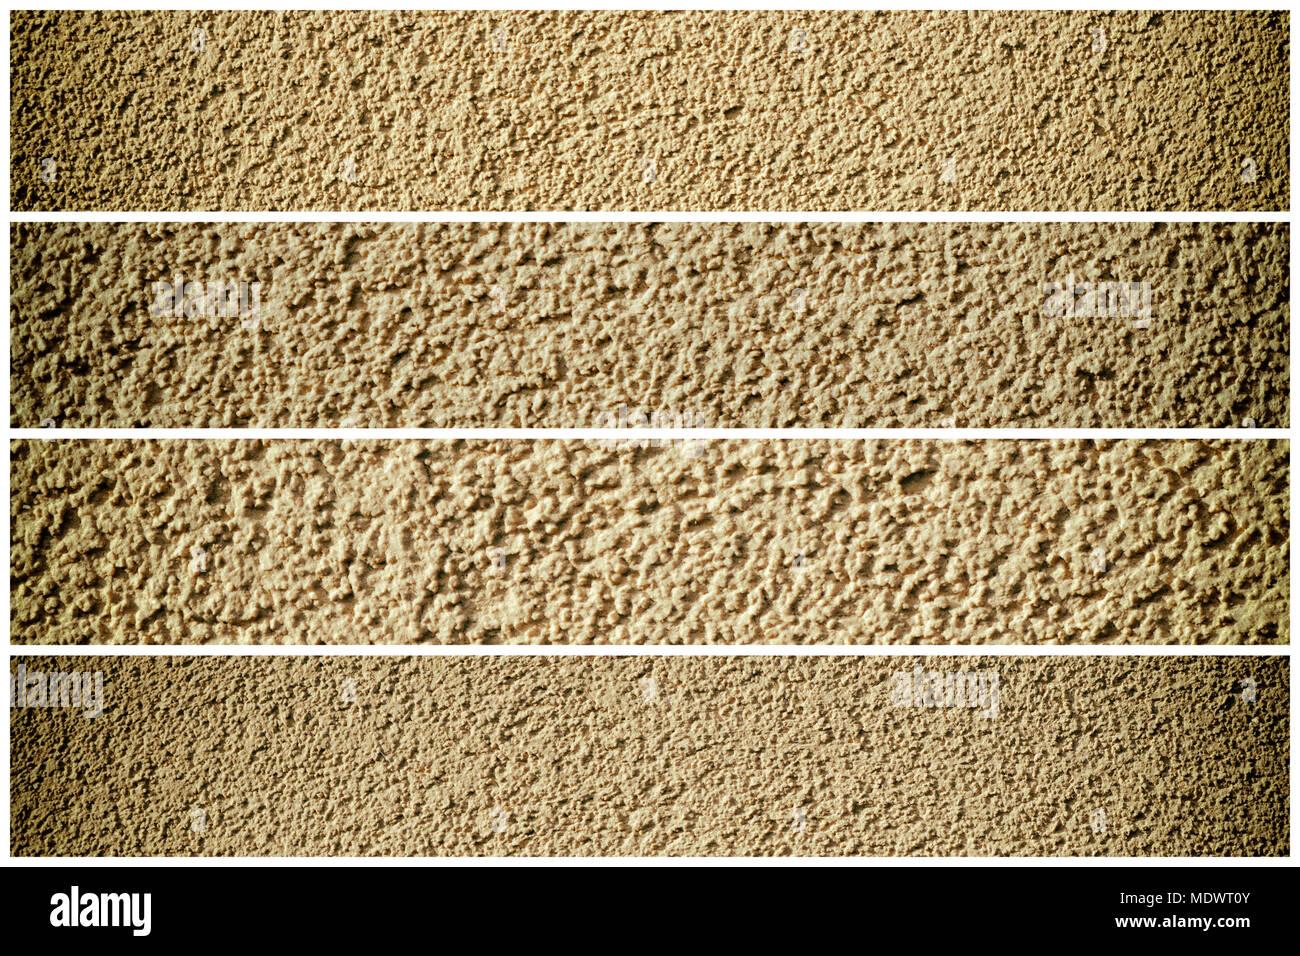 Texture Texture Mur De Beton De Ciment L Arriere Plan De Couleur Beige Ultra Ou Pierre Surface Rugueuse Photo Stock Alamy